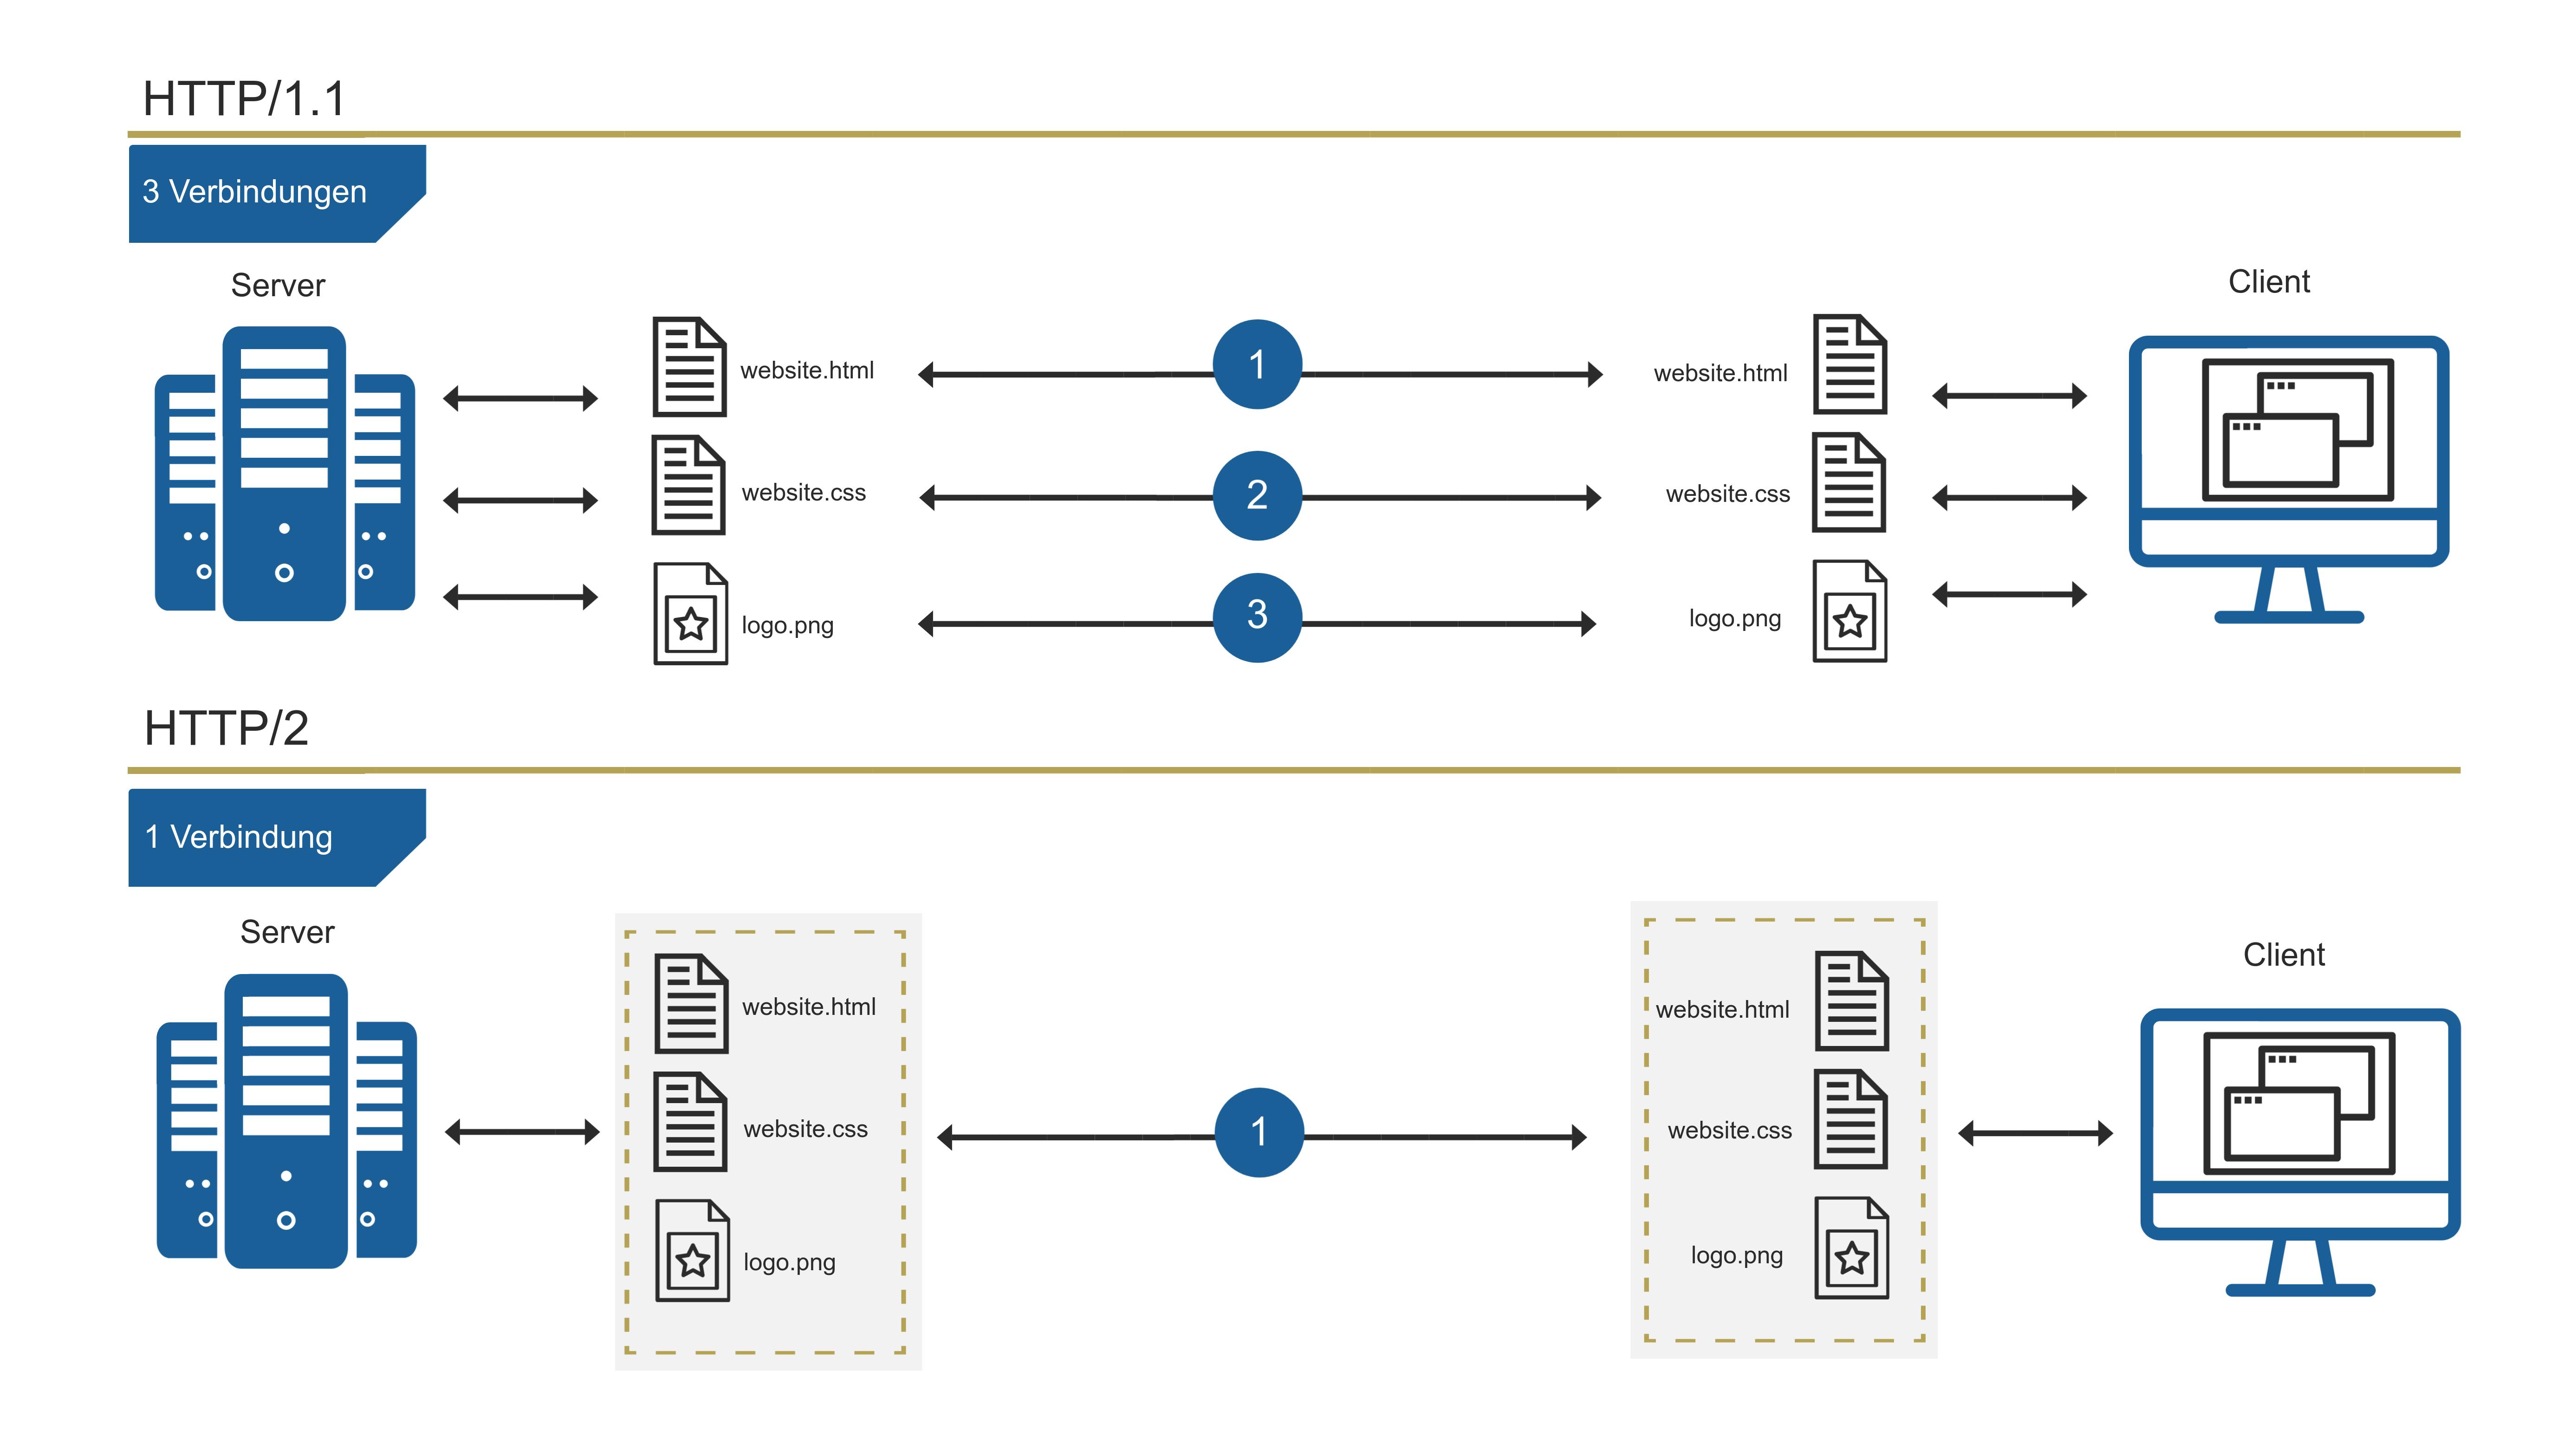 Server Umzug Vergleich HTTP1 und HTTP2